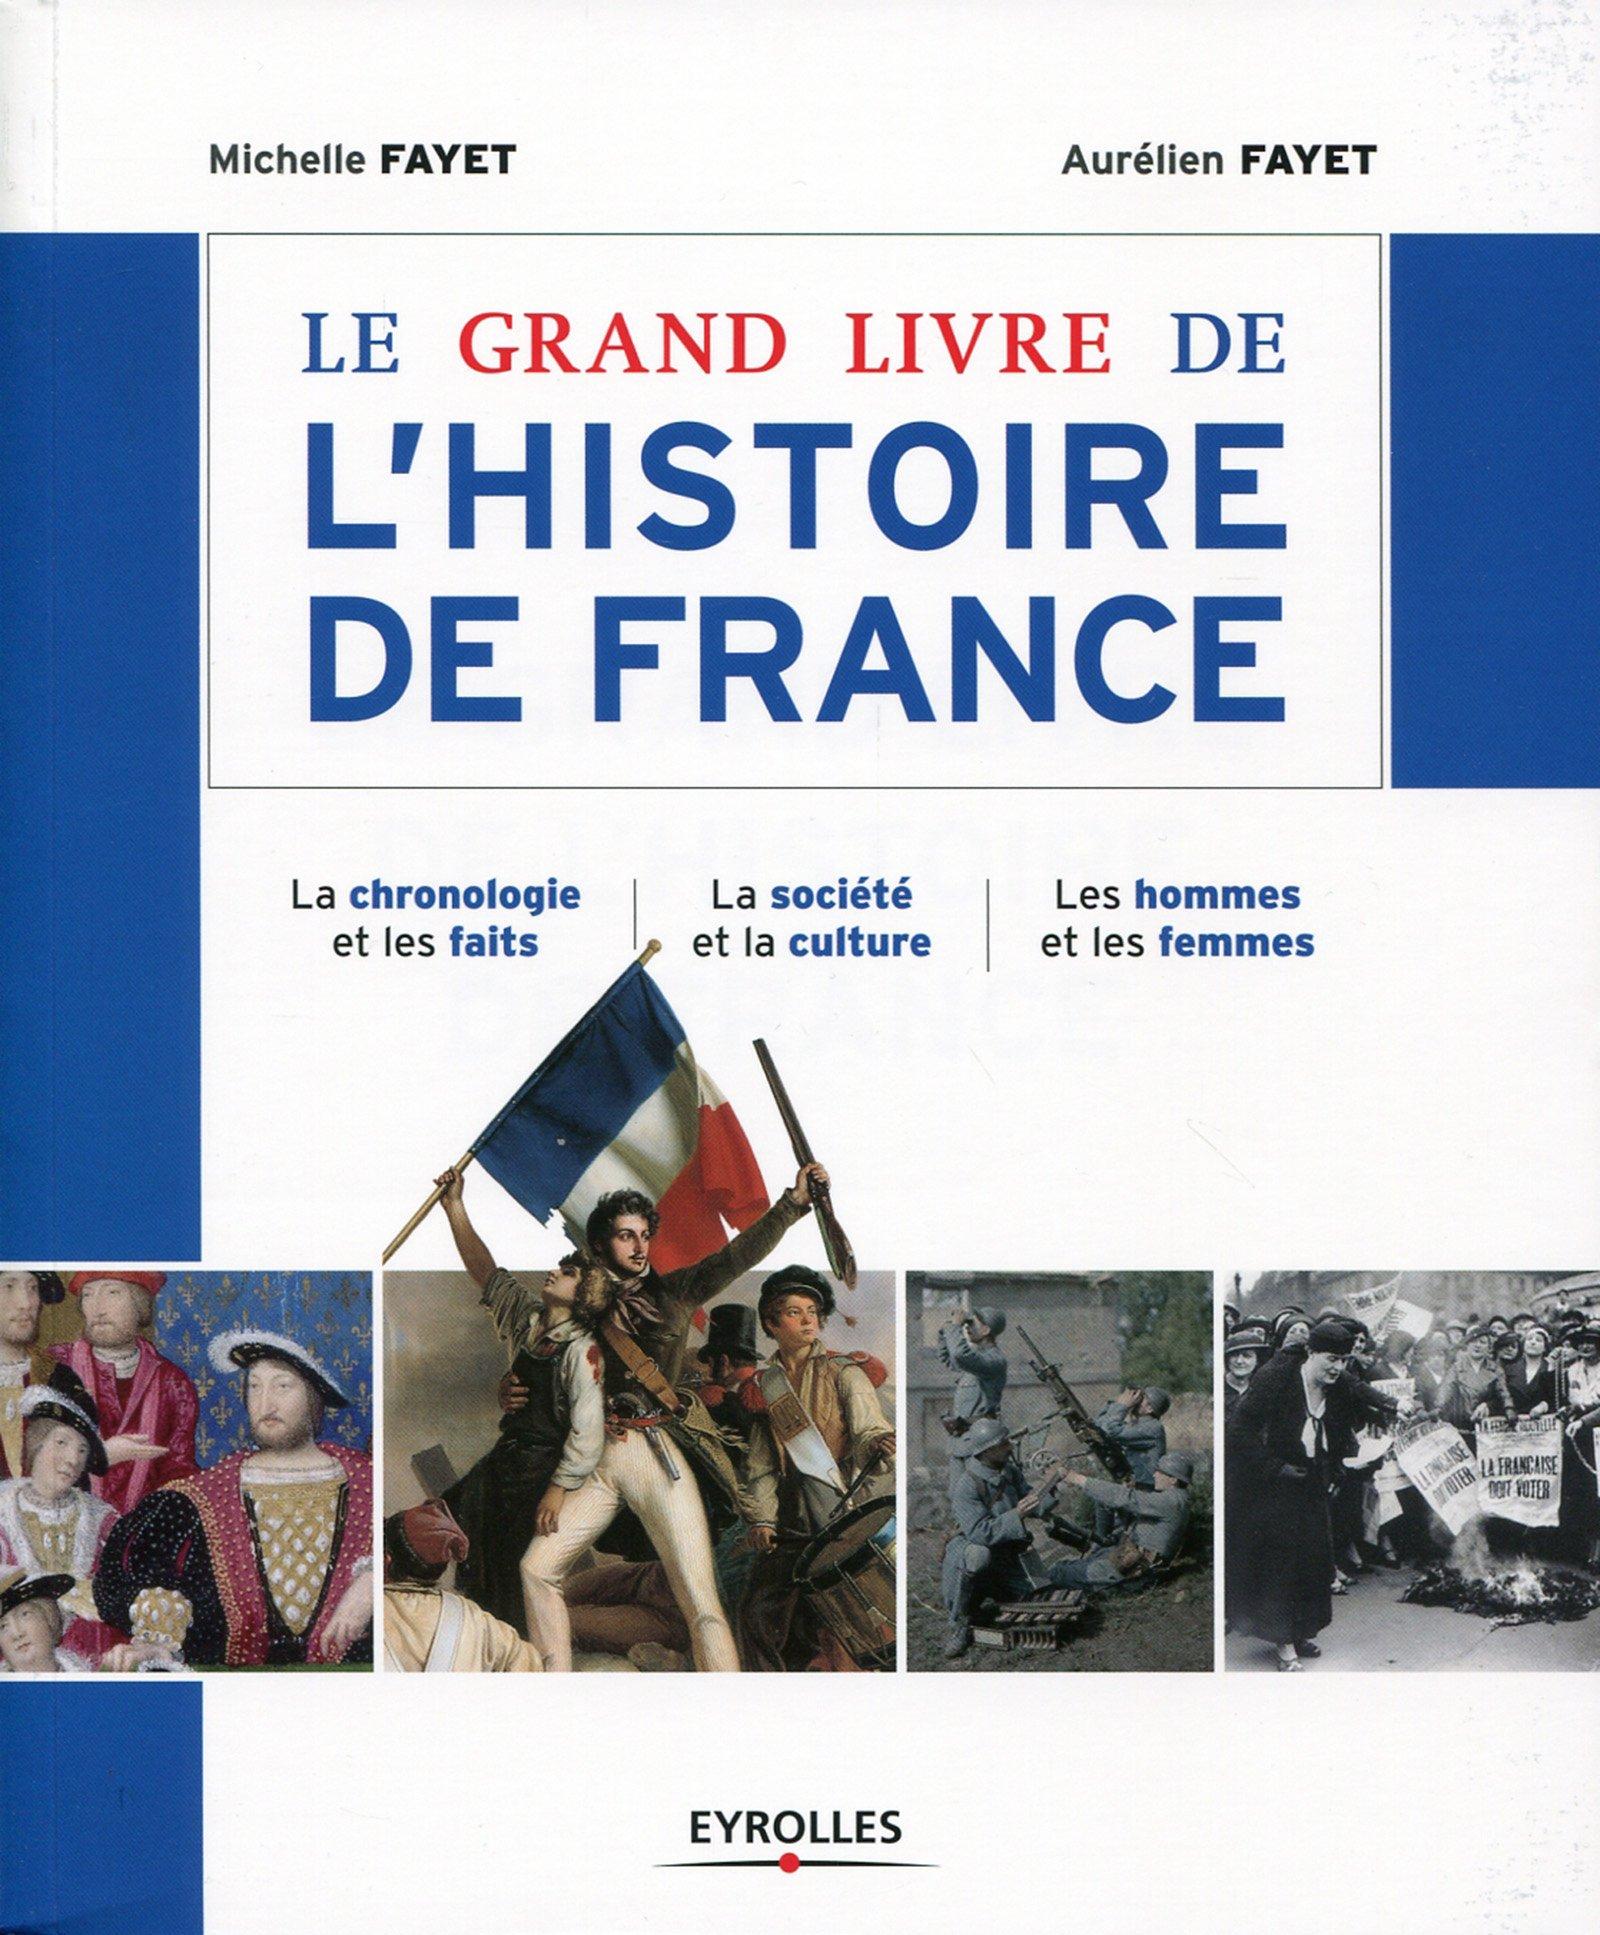 Le grand livre de l'histoire de France: La chronologie et les faits - La société et la culture - Les hommes et les femmes